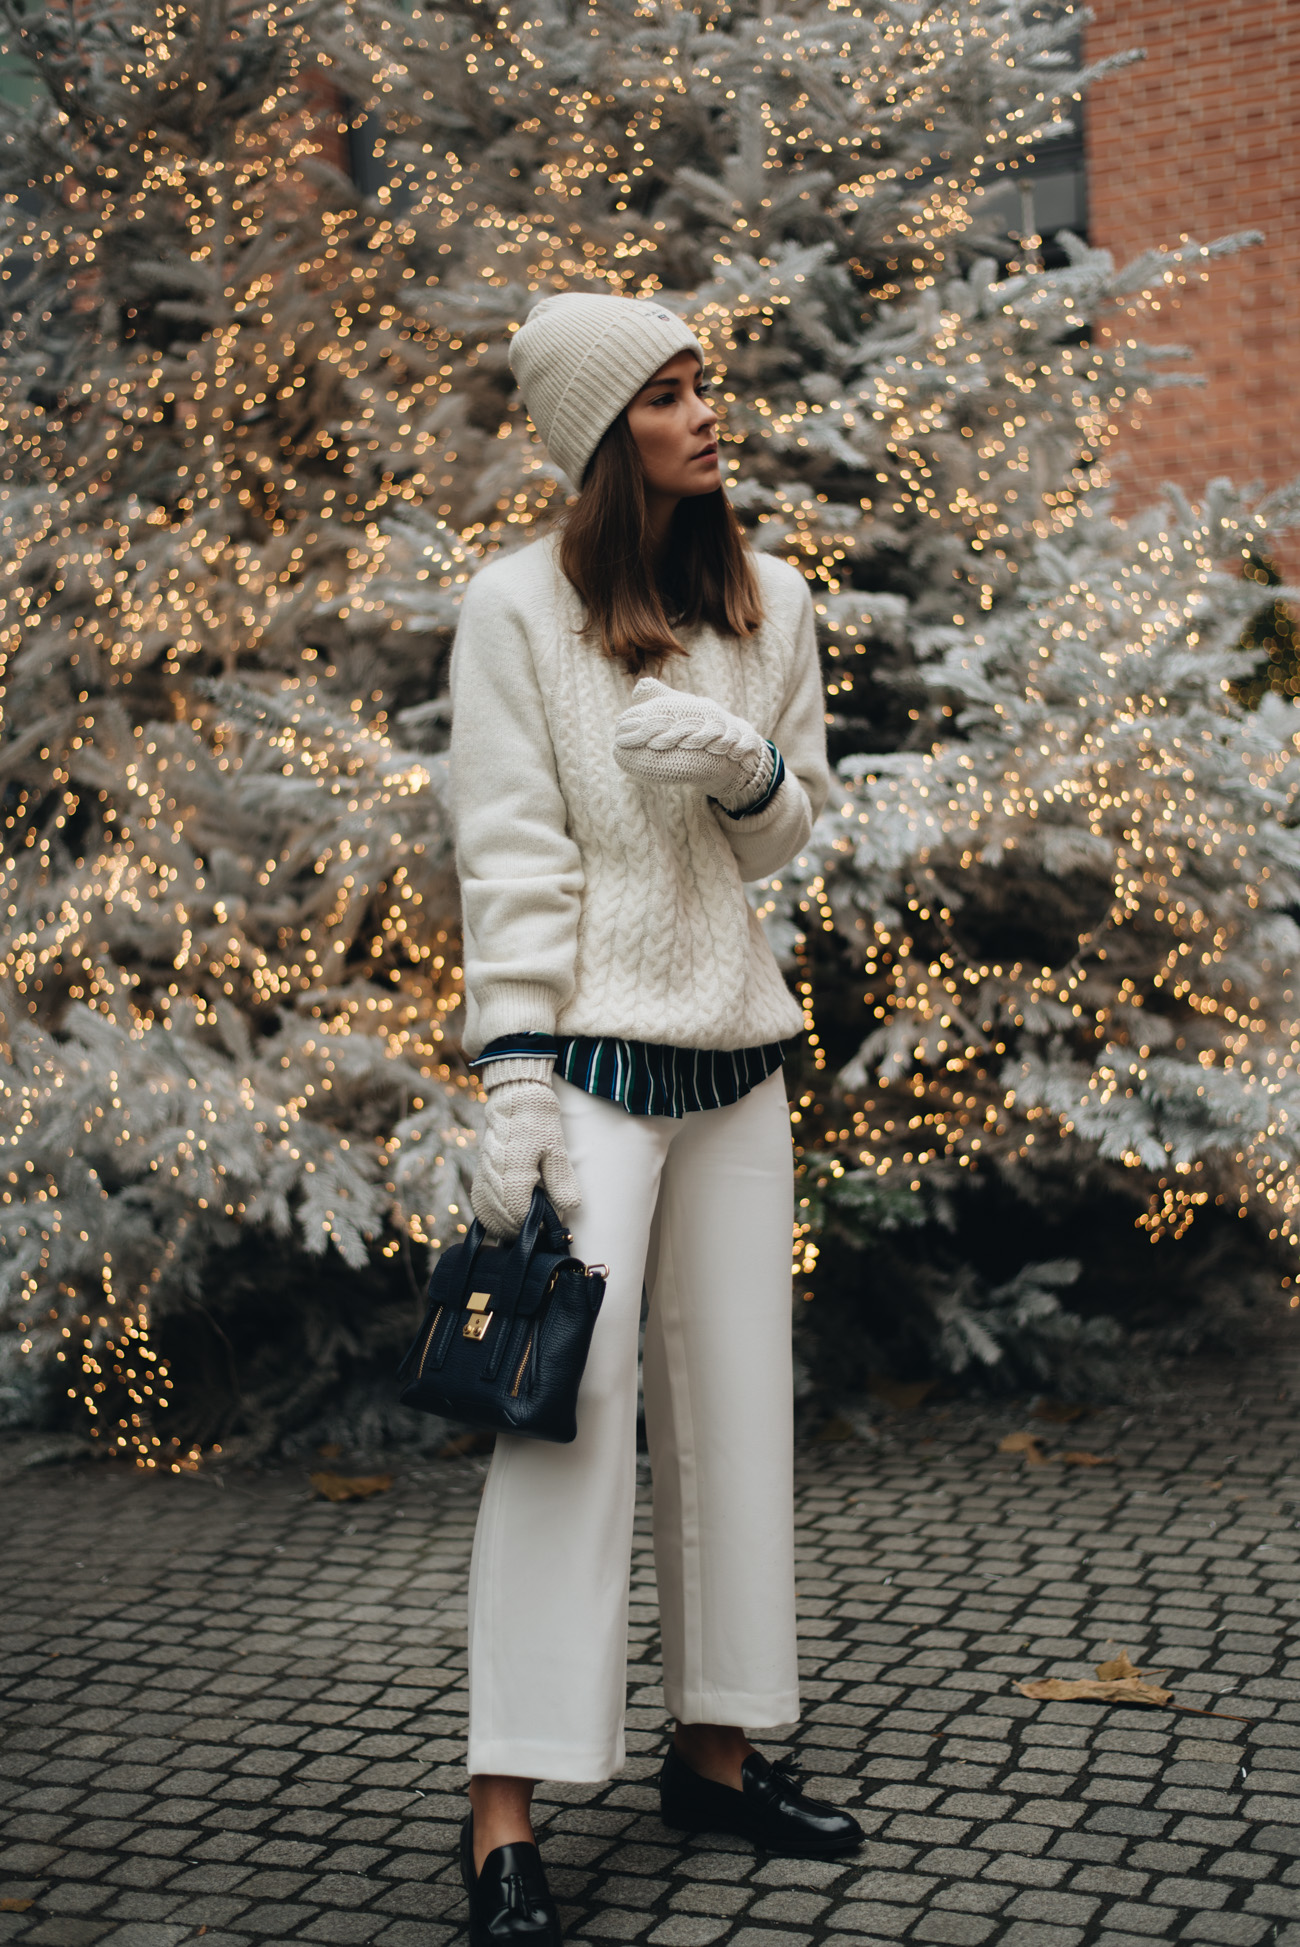 Weihnachts-Foto-shooting-Fashion-Modeshooting-weihnachtsbaum-tanne-münchen-innenstadt-streetstyle-blogger-nina-schwichtenberg-fashiioncarpet